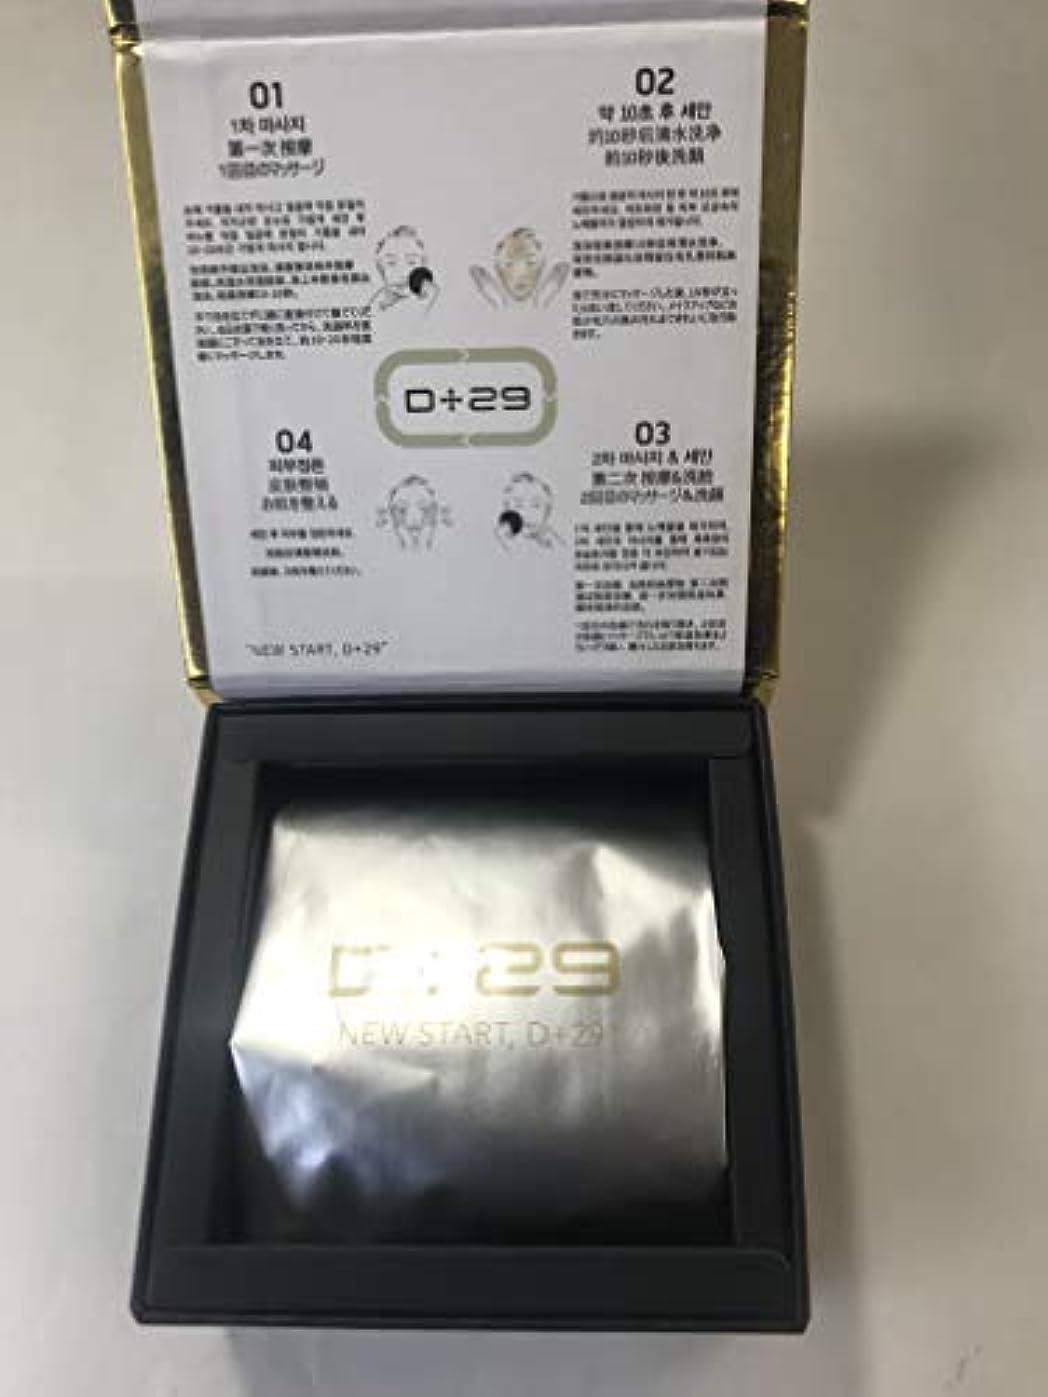 マトンデザイナー注ぎますbaru複合乳酸菌活用 クレンジング ソープ D+29 100g